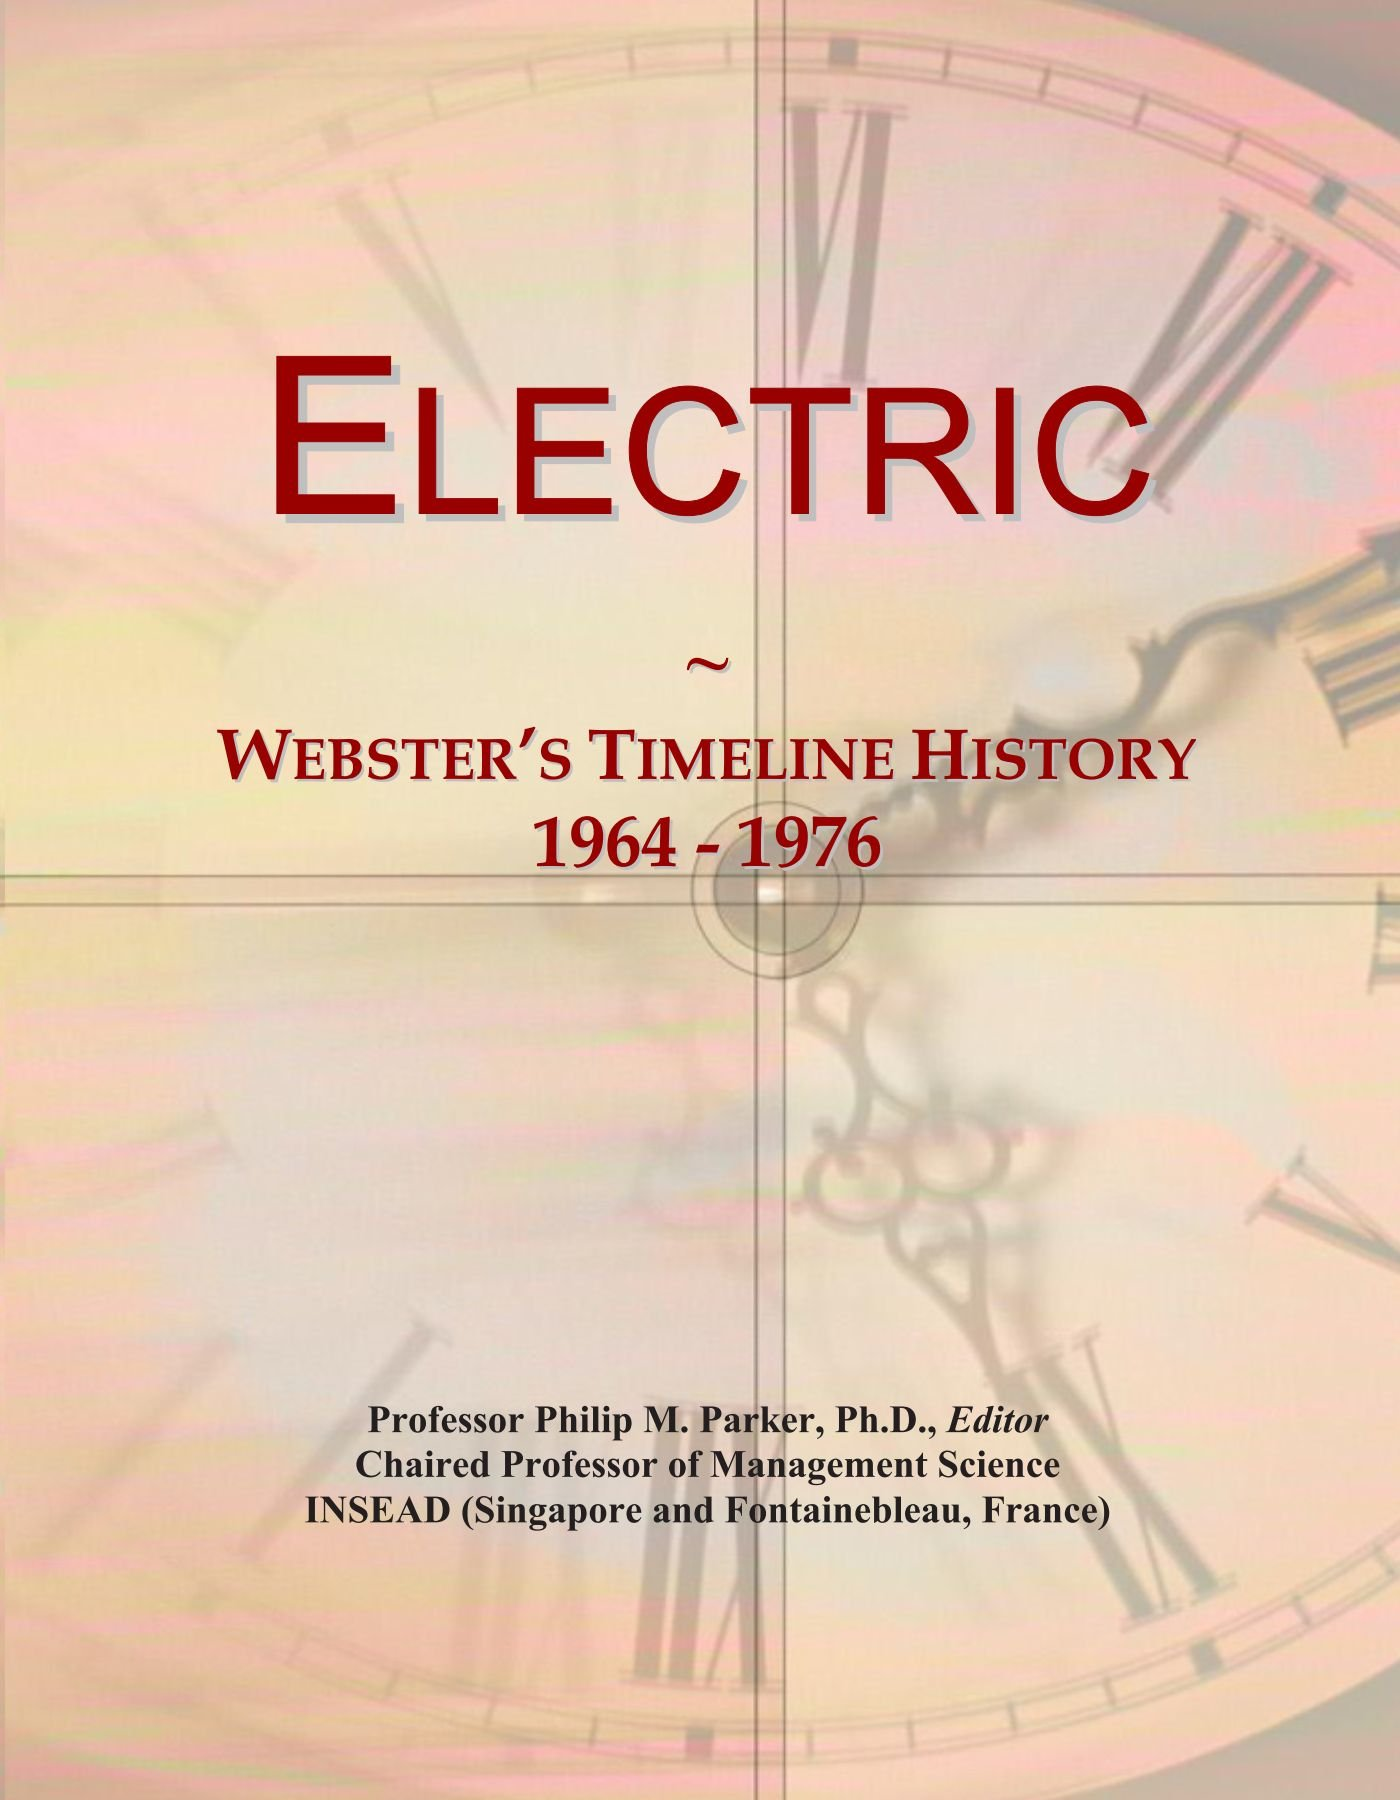 Electric: Webster's Timeline History, 1964 - 1976